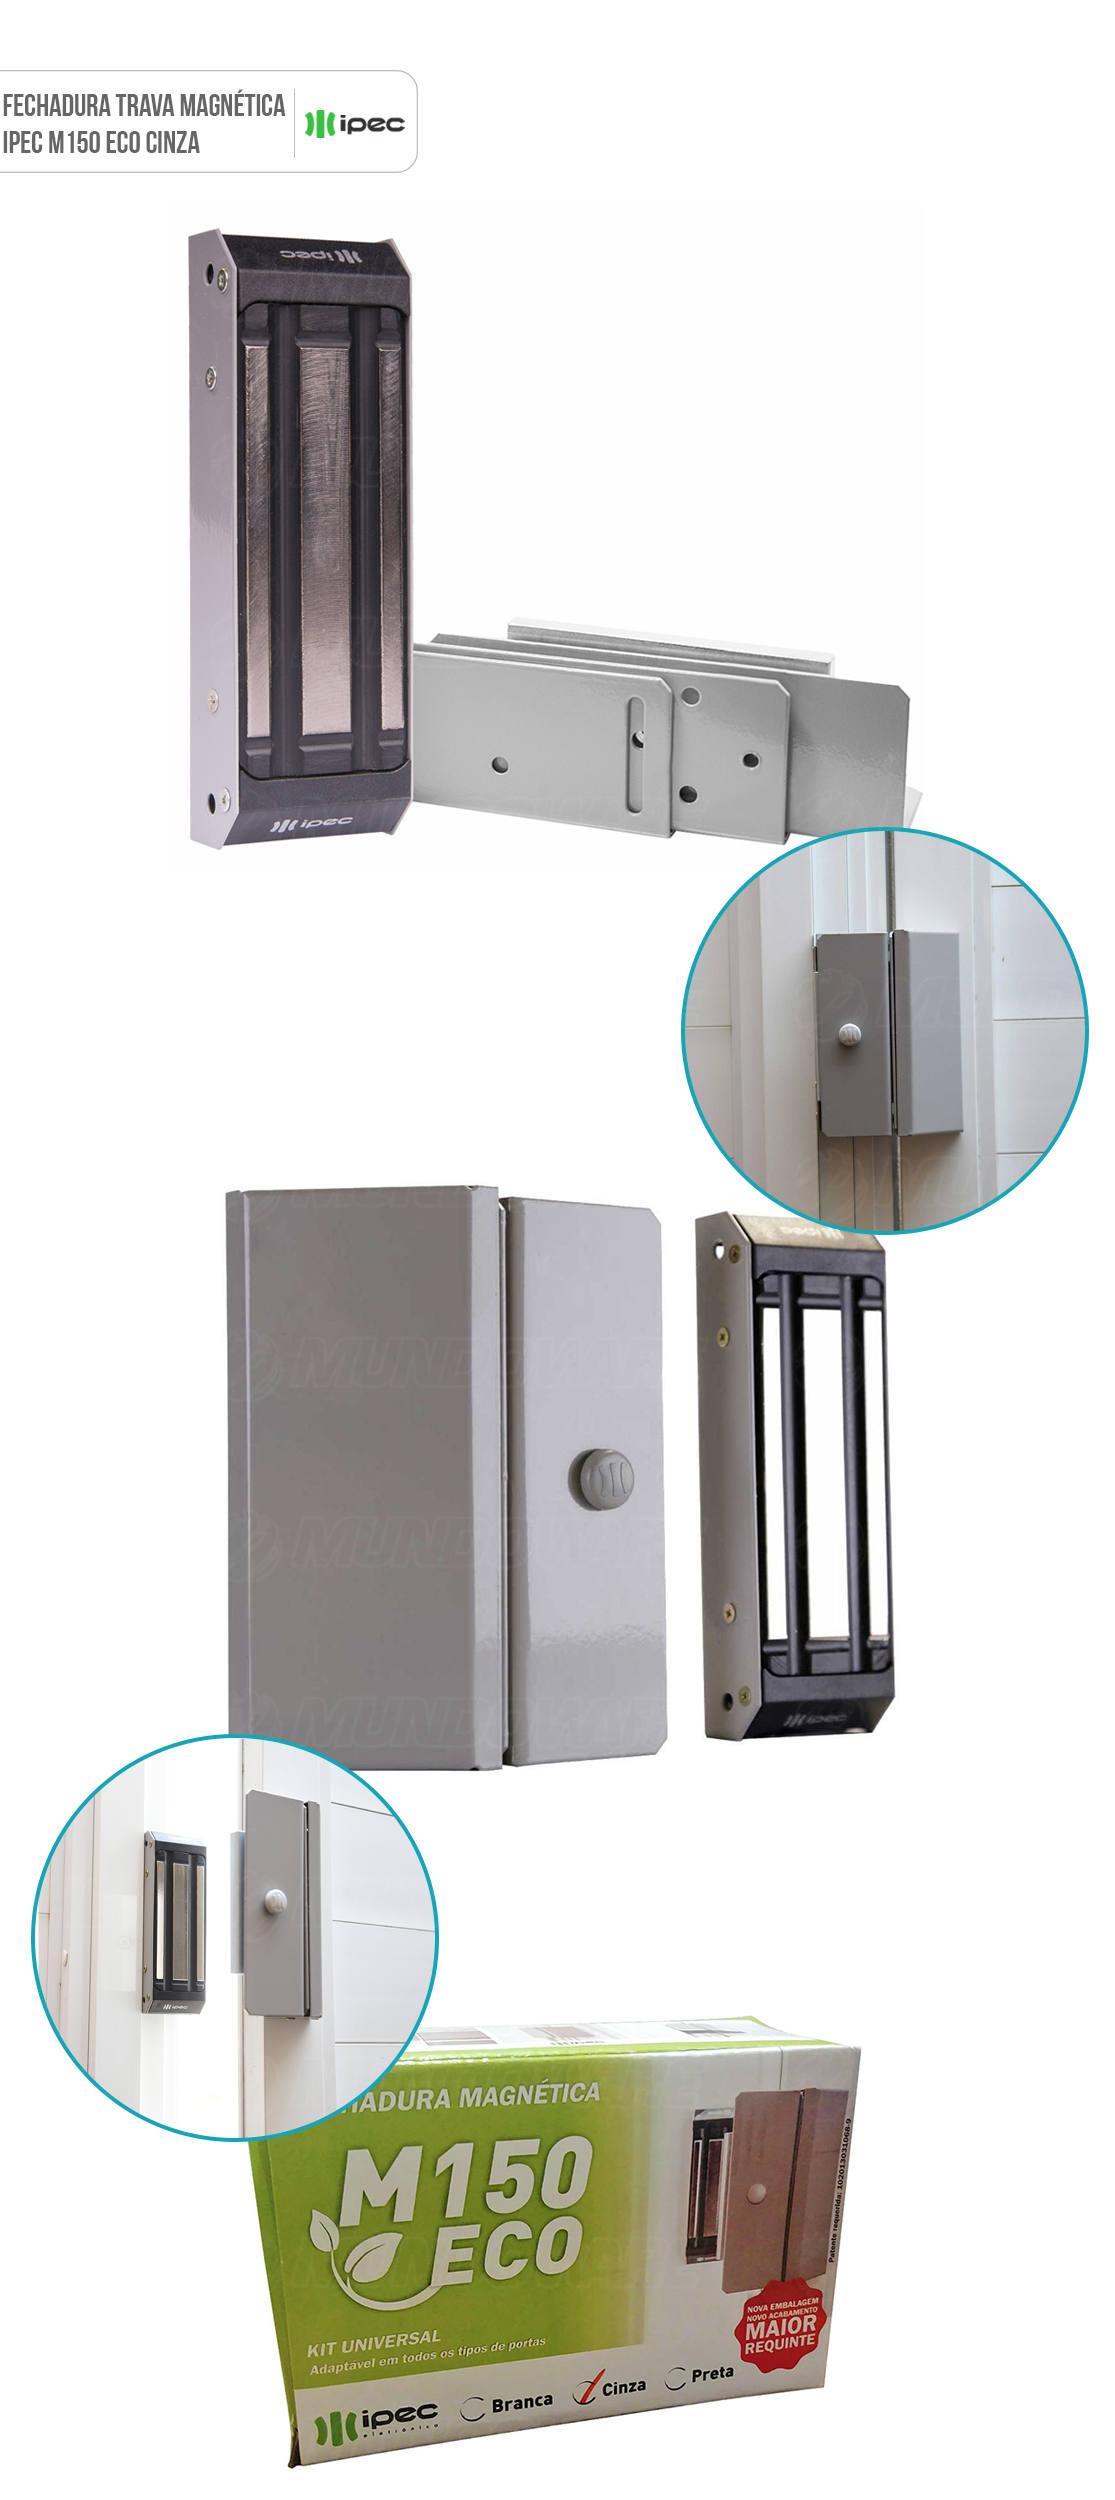 Fechadura Magnética Para Porta de Vidro Trava Eletromagnética Eletroimã 150 Kg Ipec M150 Eco A2077